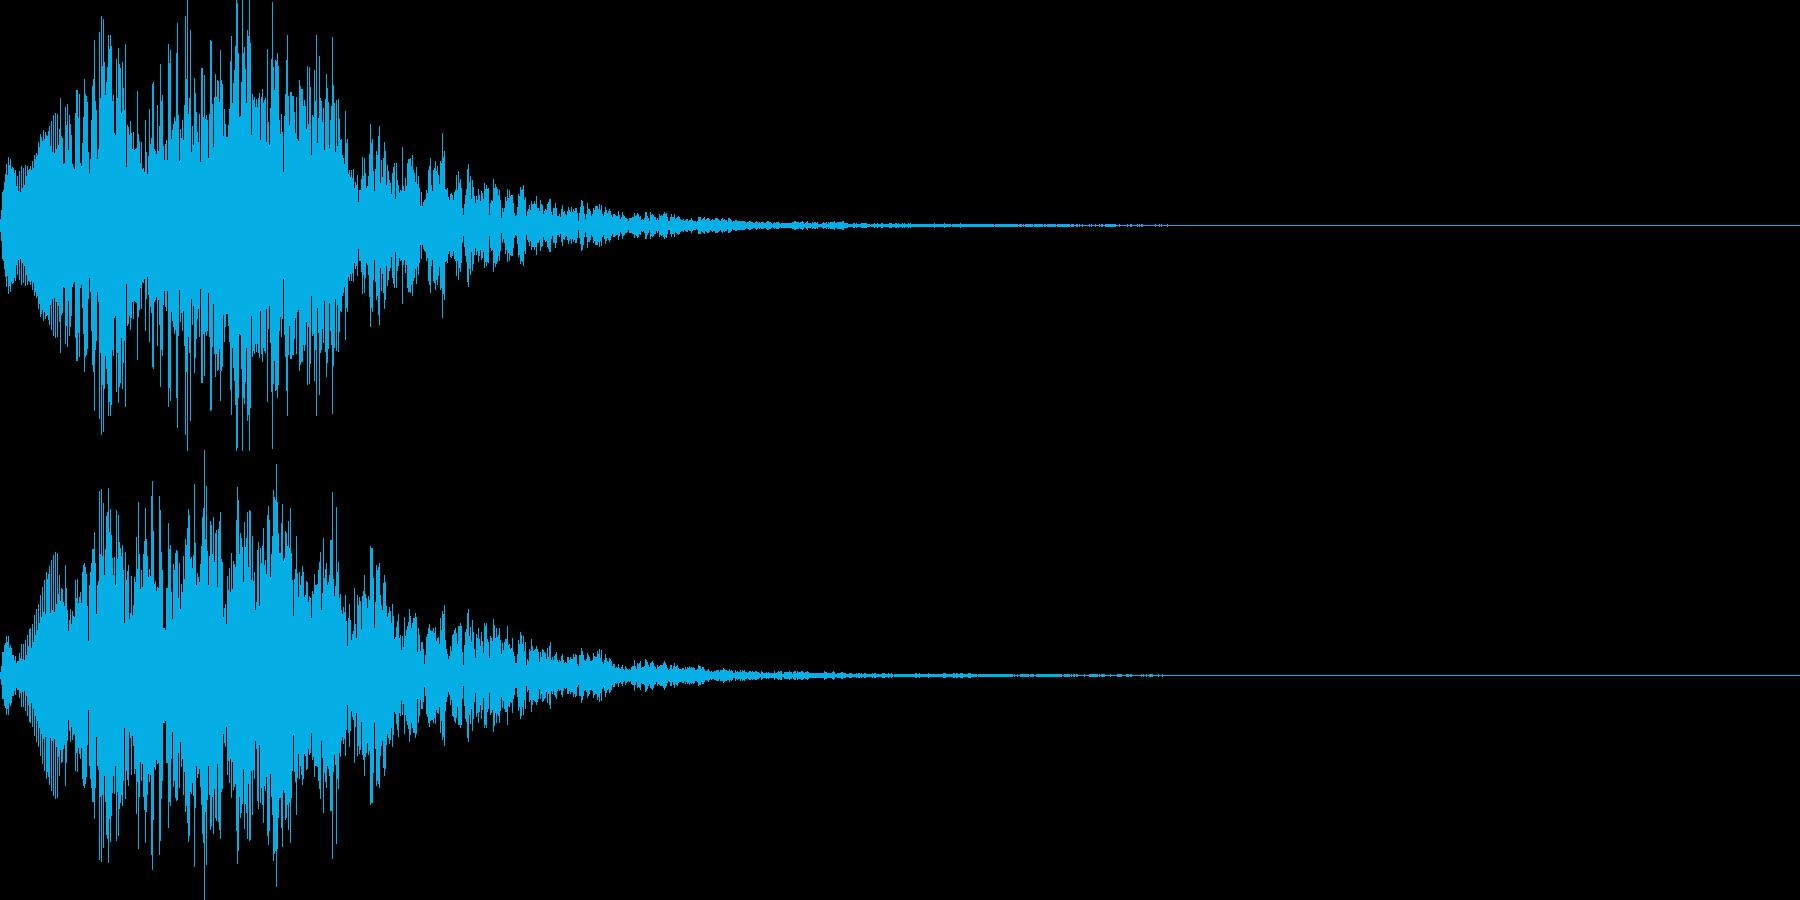 場面転換01の再生済みの波形